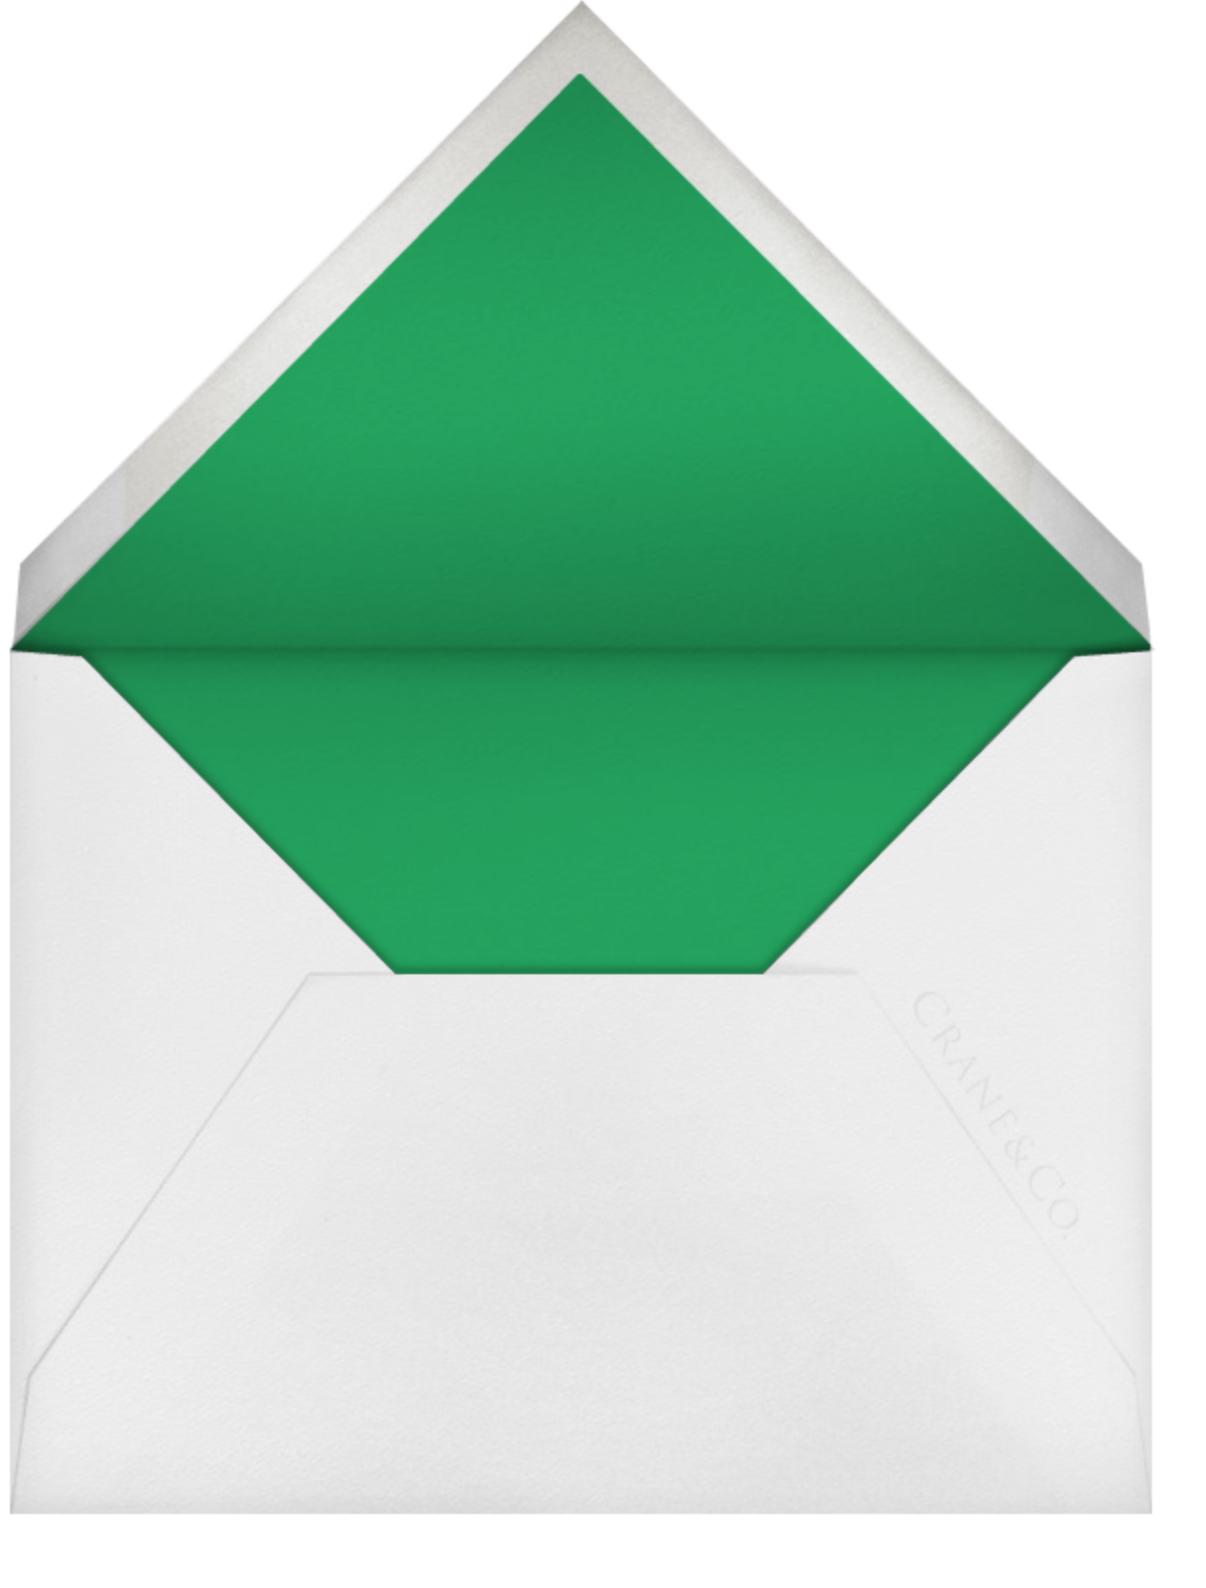 Floral Guipure (Save The Date) - Spring Green - Oscar de la Renta - null - envelope back